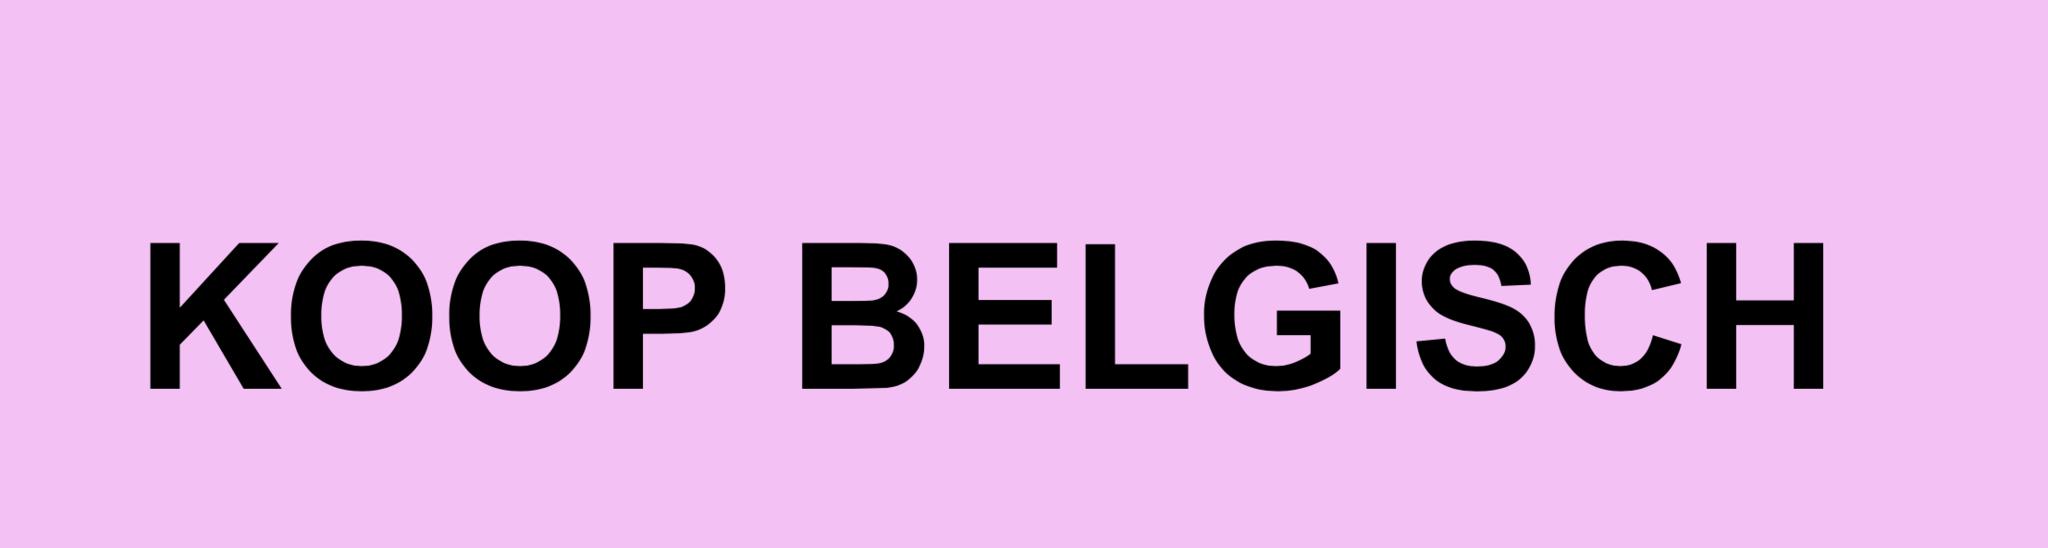 KOOP BELGISCH